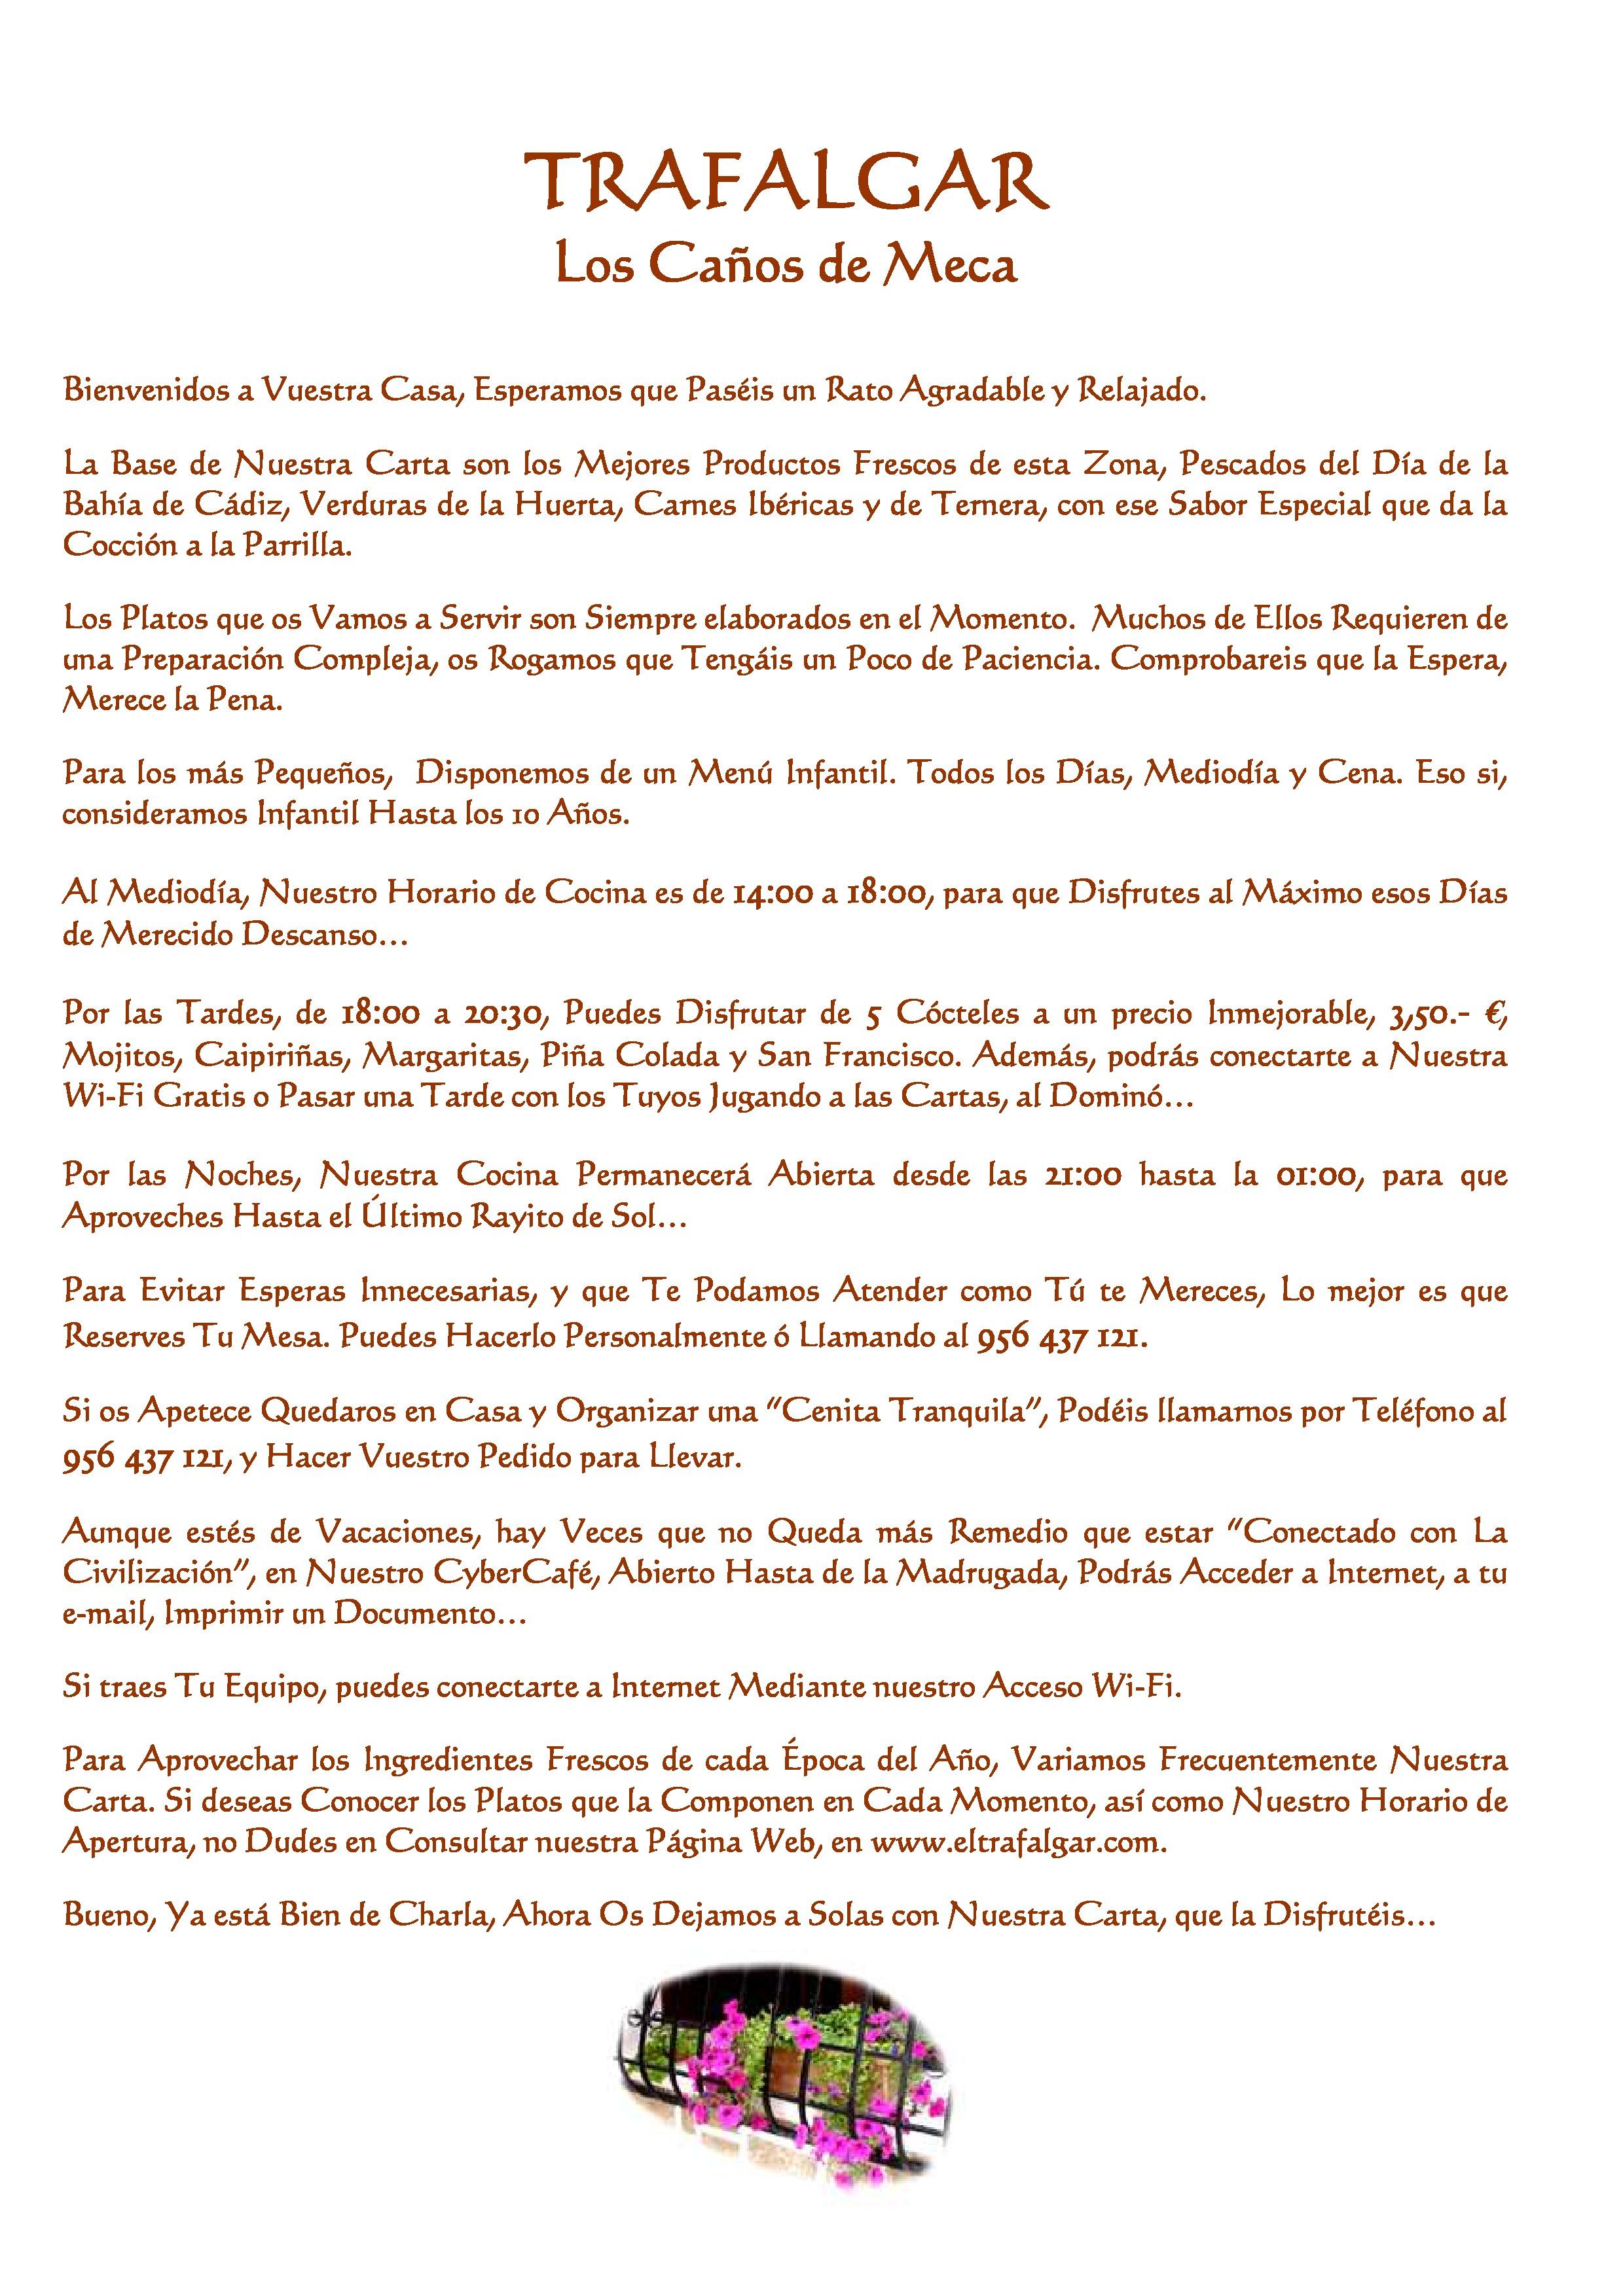 El Trafalgar Carta